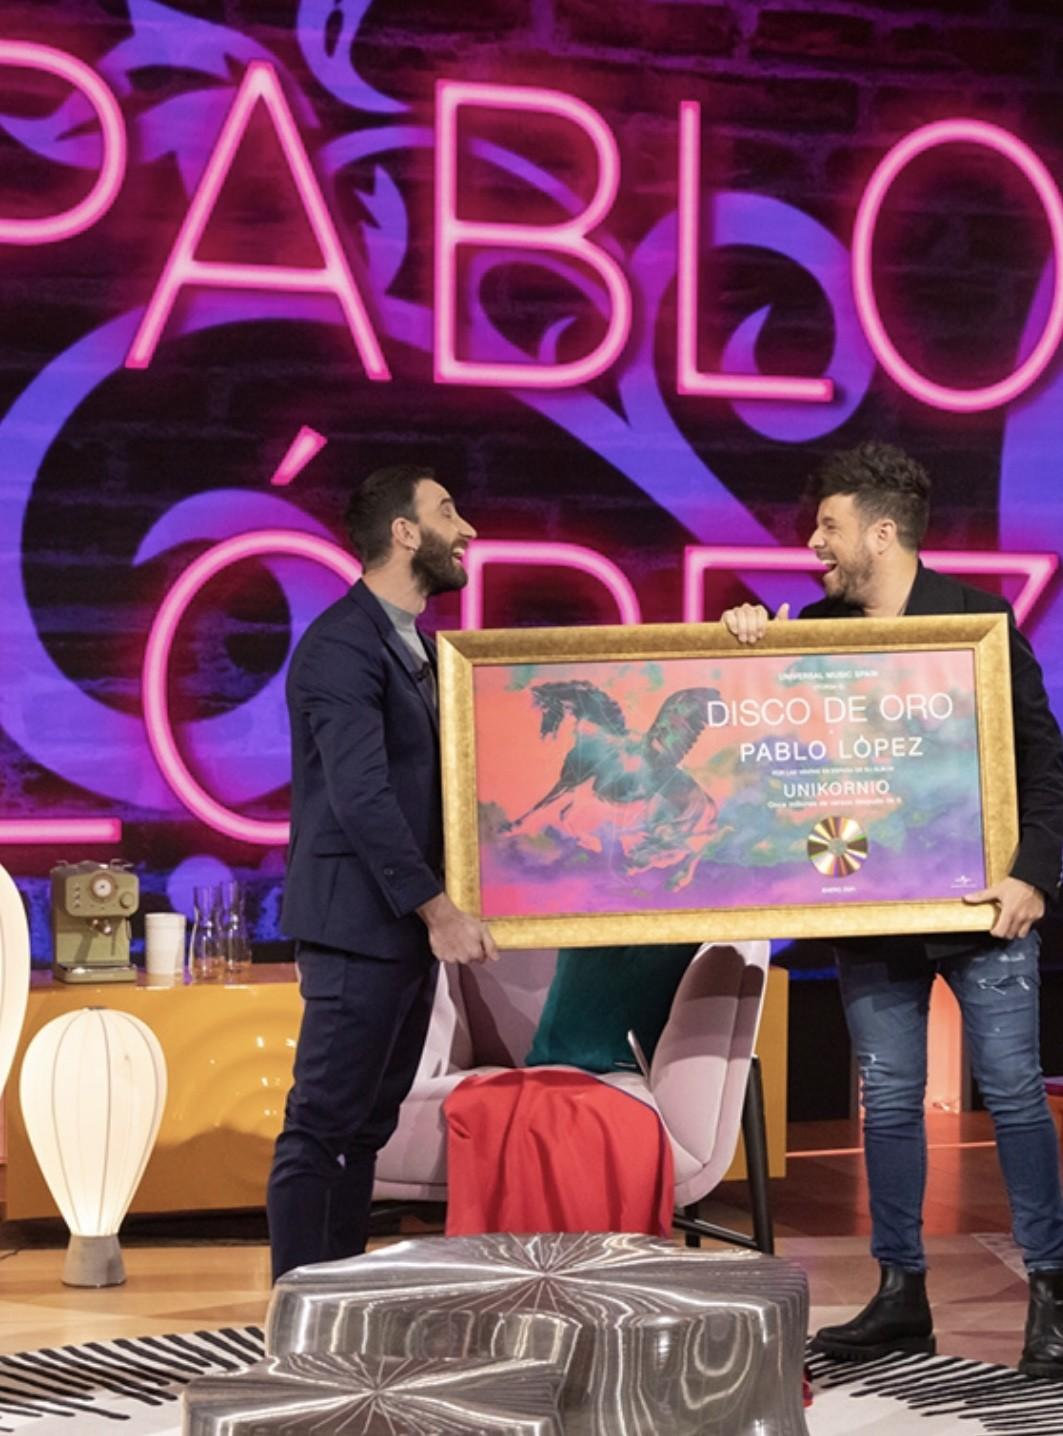 Dani Rovira estrena 'La Noche D' con la visita de cuatro grandes actrices, una entrevista a Sabina y la actuación de Pablo López